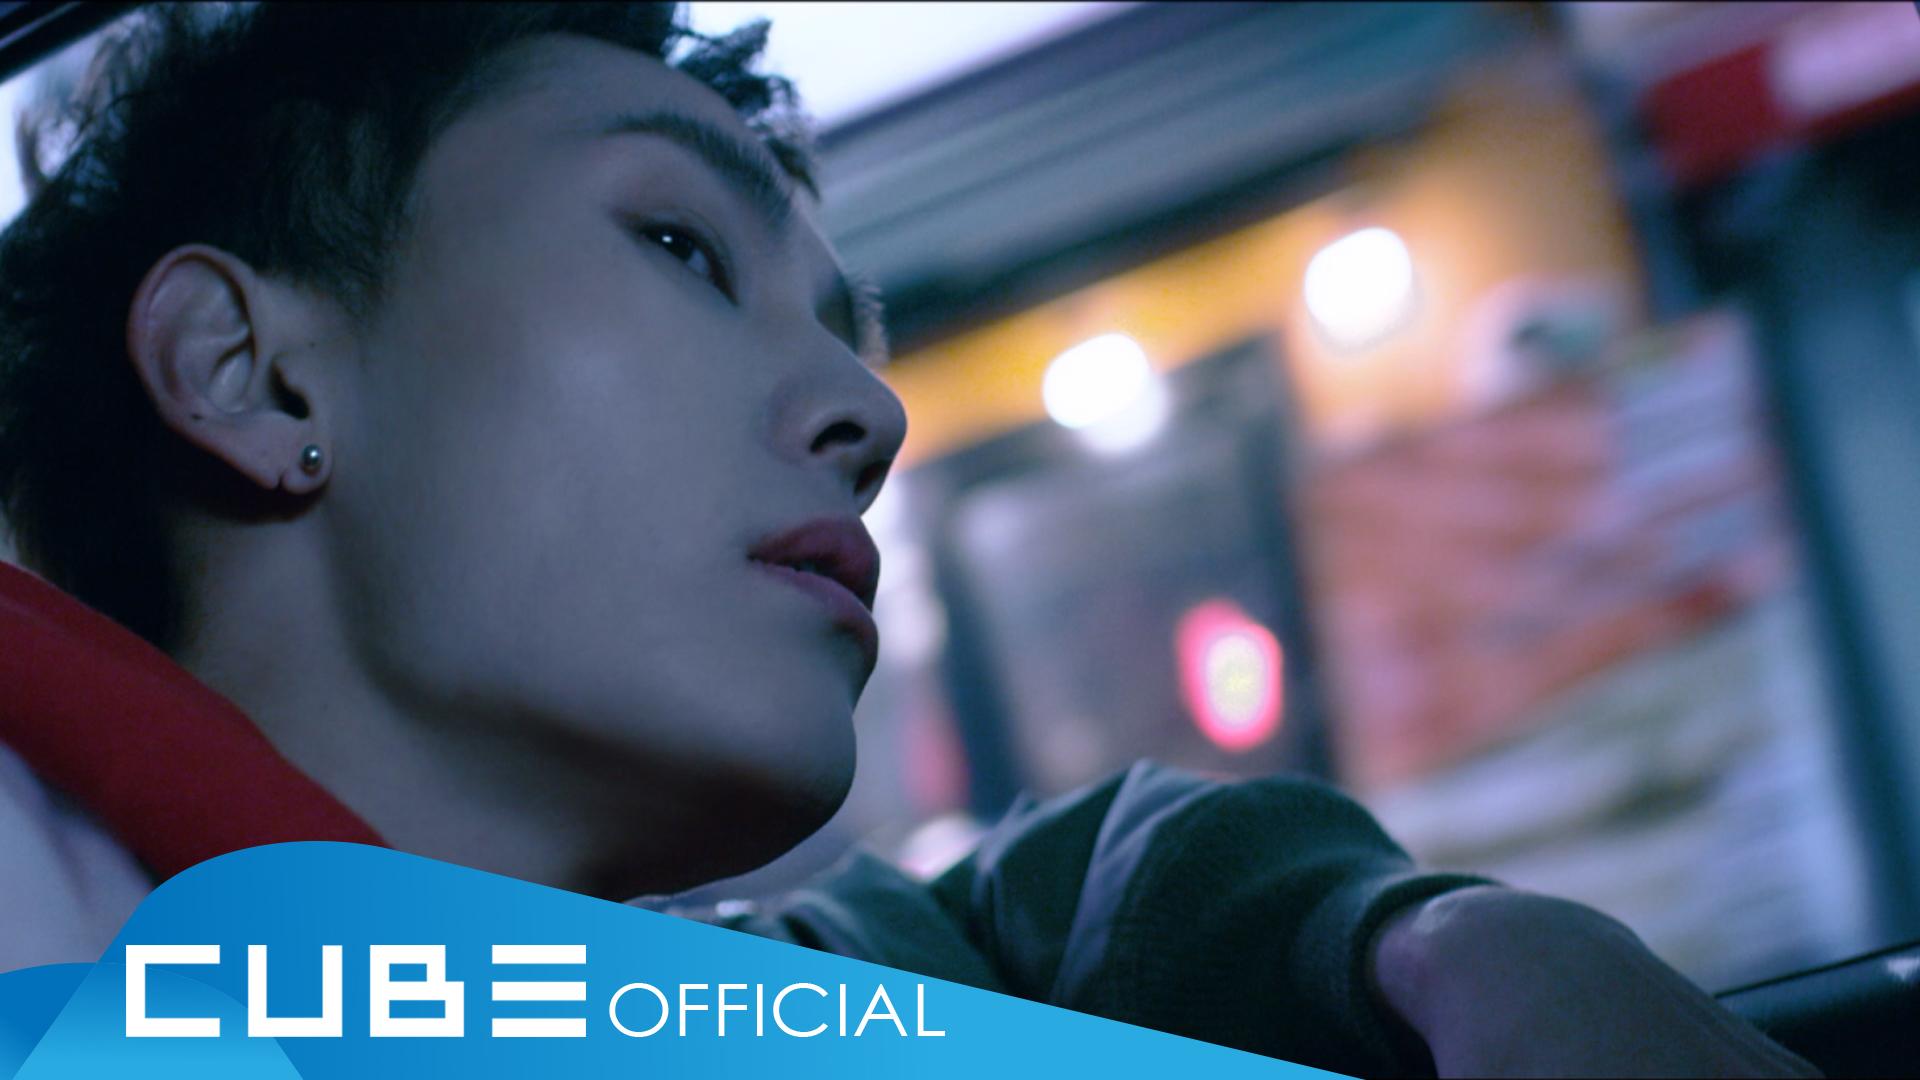 정일훈 - 'She's gone' Official Music Video